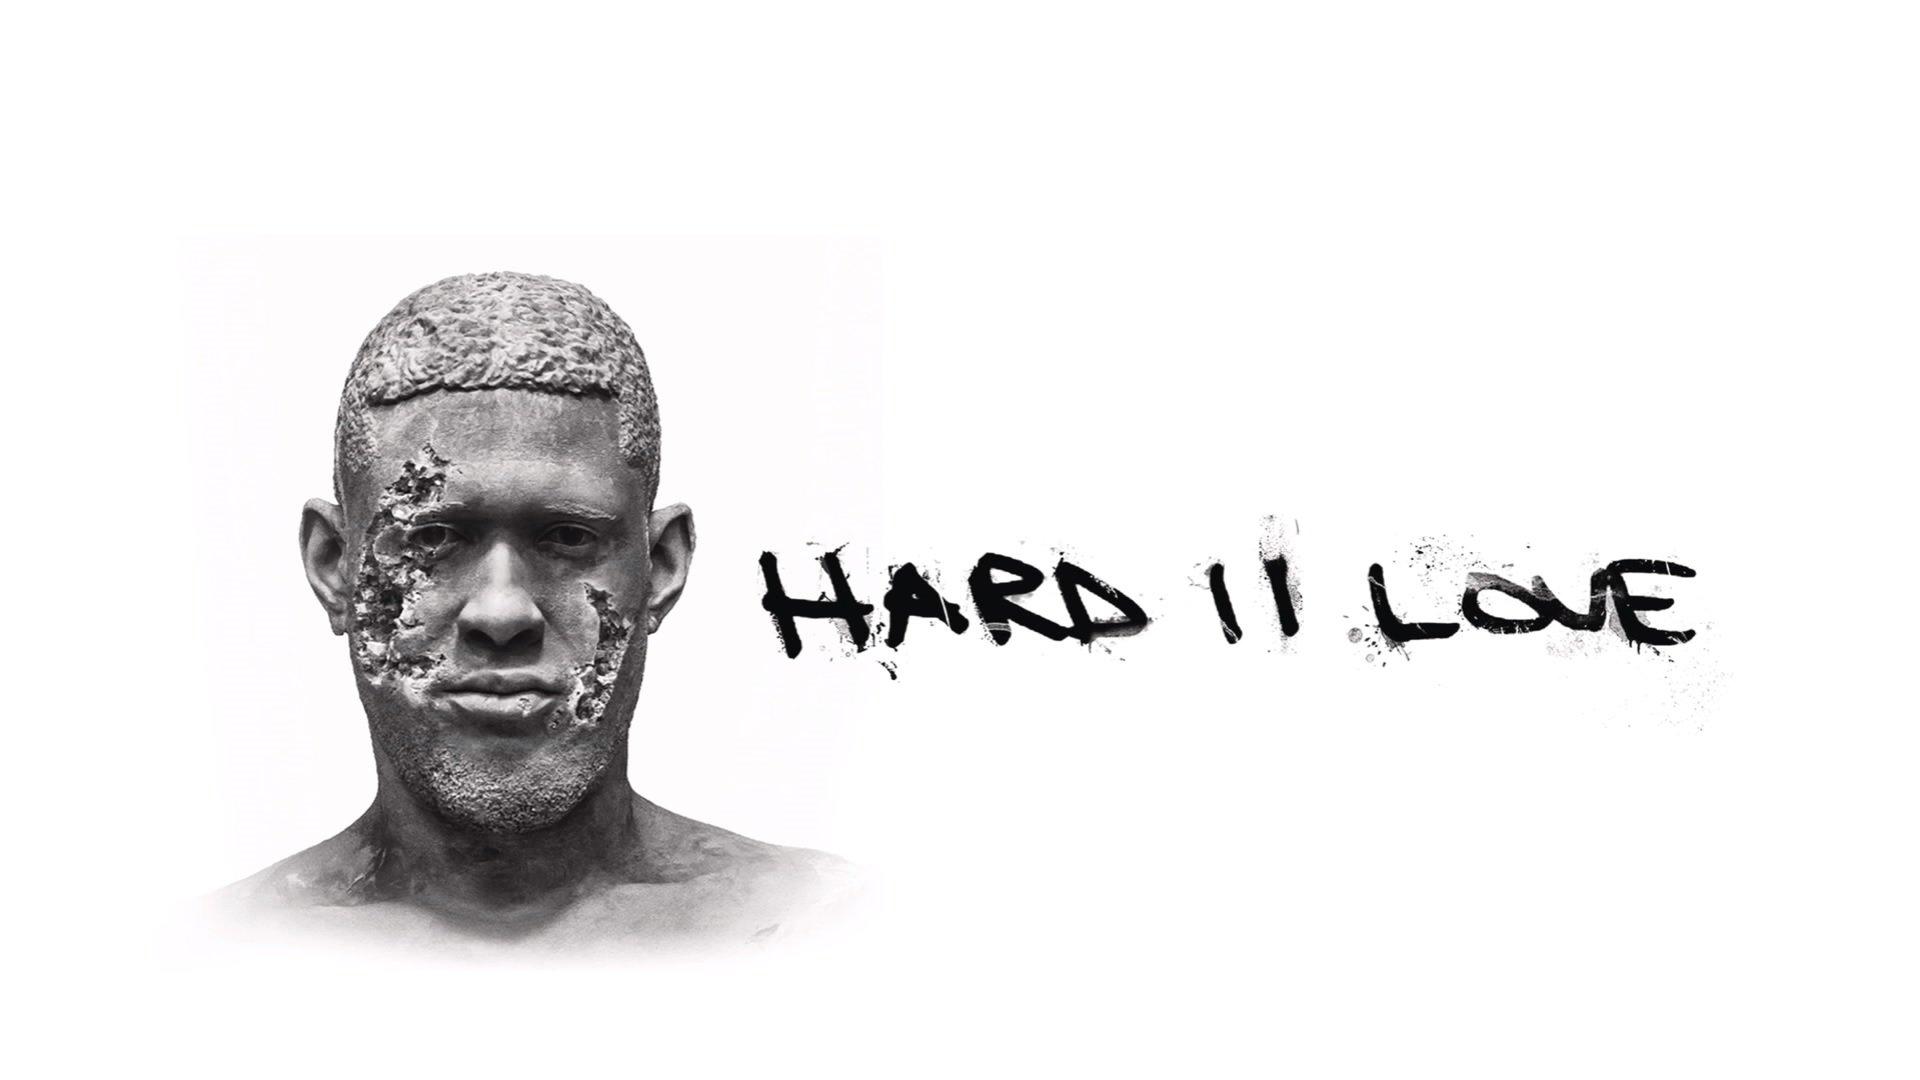 hardiilove